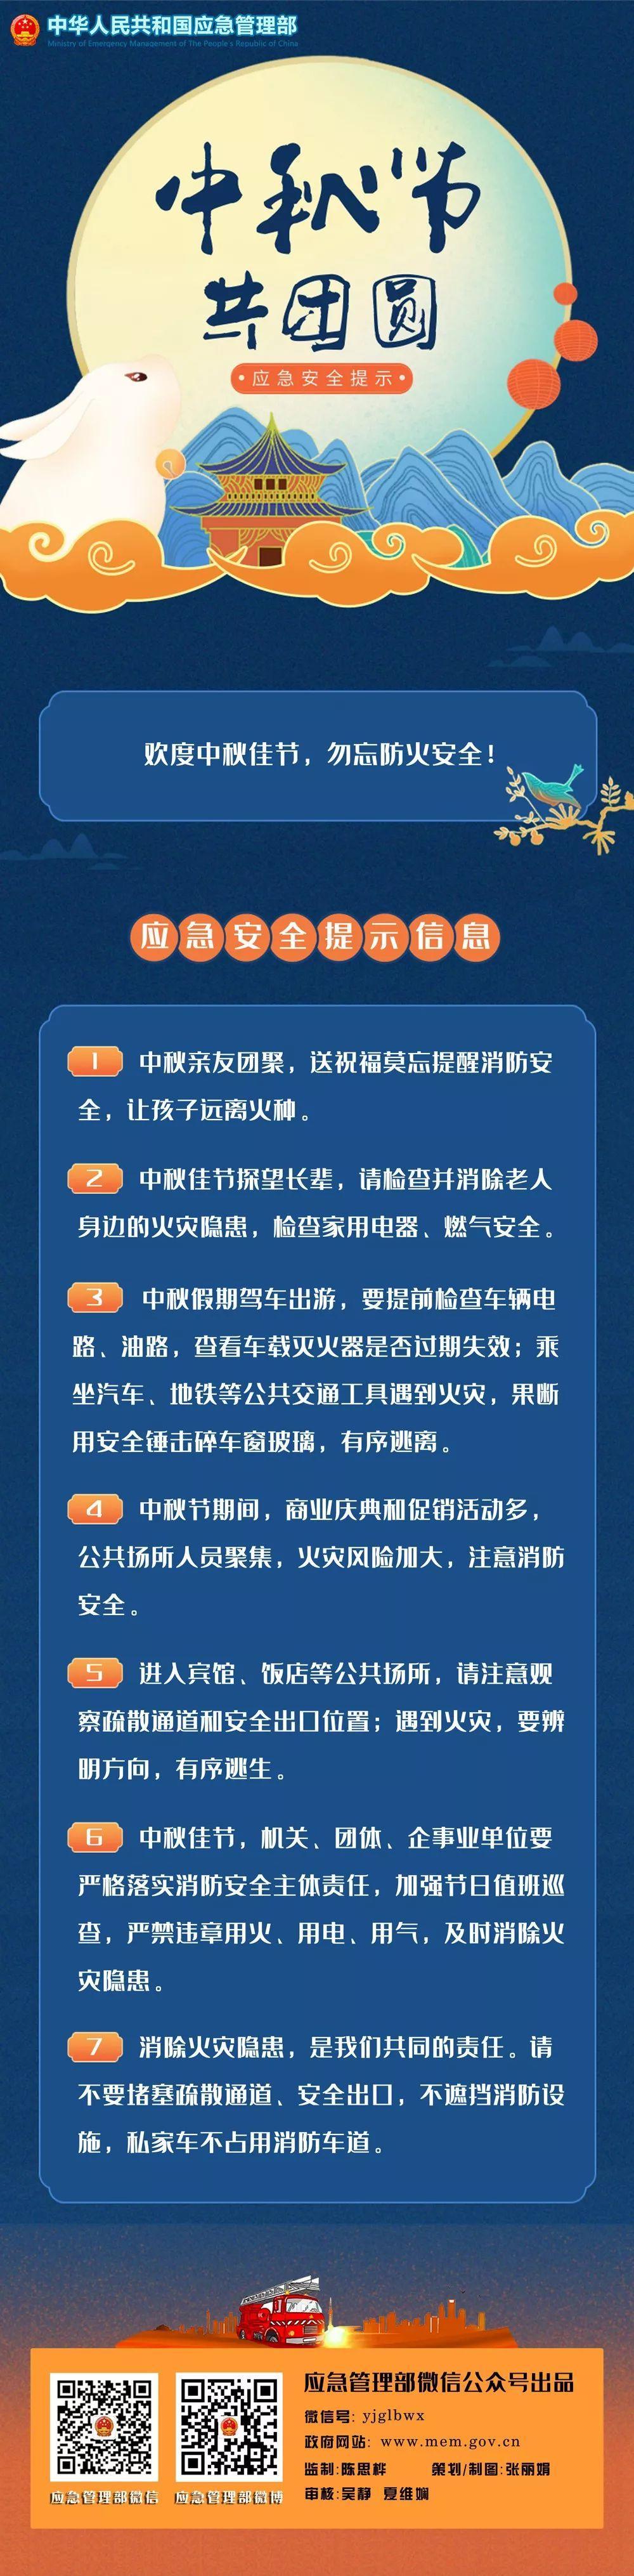 应急科普 :欢度中秋佳节 勿忘防火安全